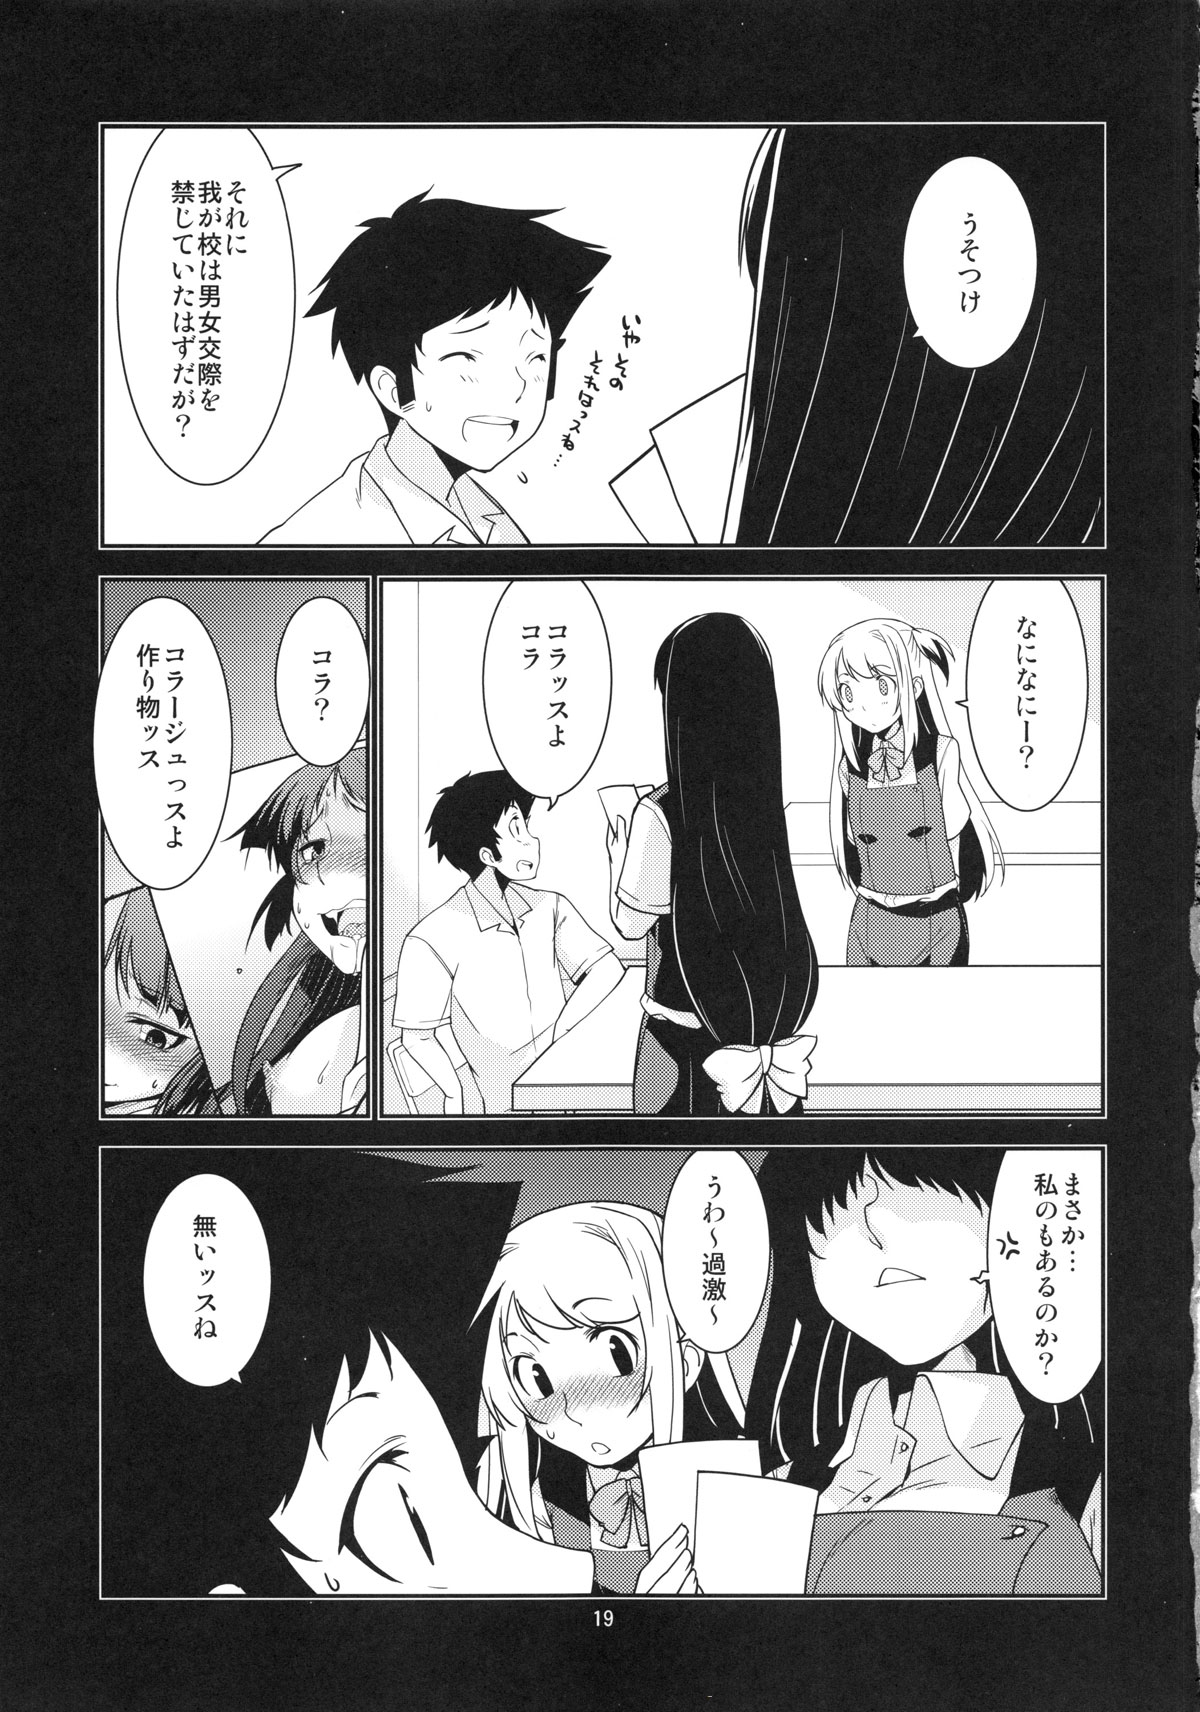 【エロ漫画・エロ同人】巨乳女子校生が用務員に拘束されてレイプされてるw中出しセックスでイカされまくって調教開始www (18)